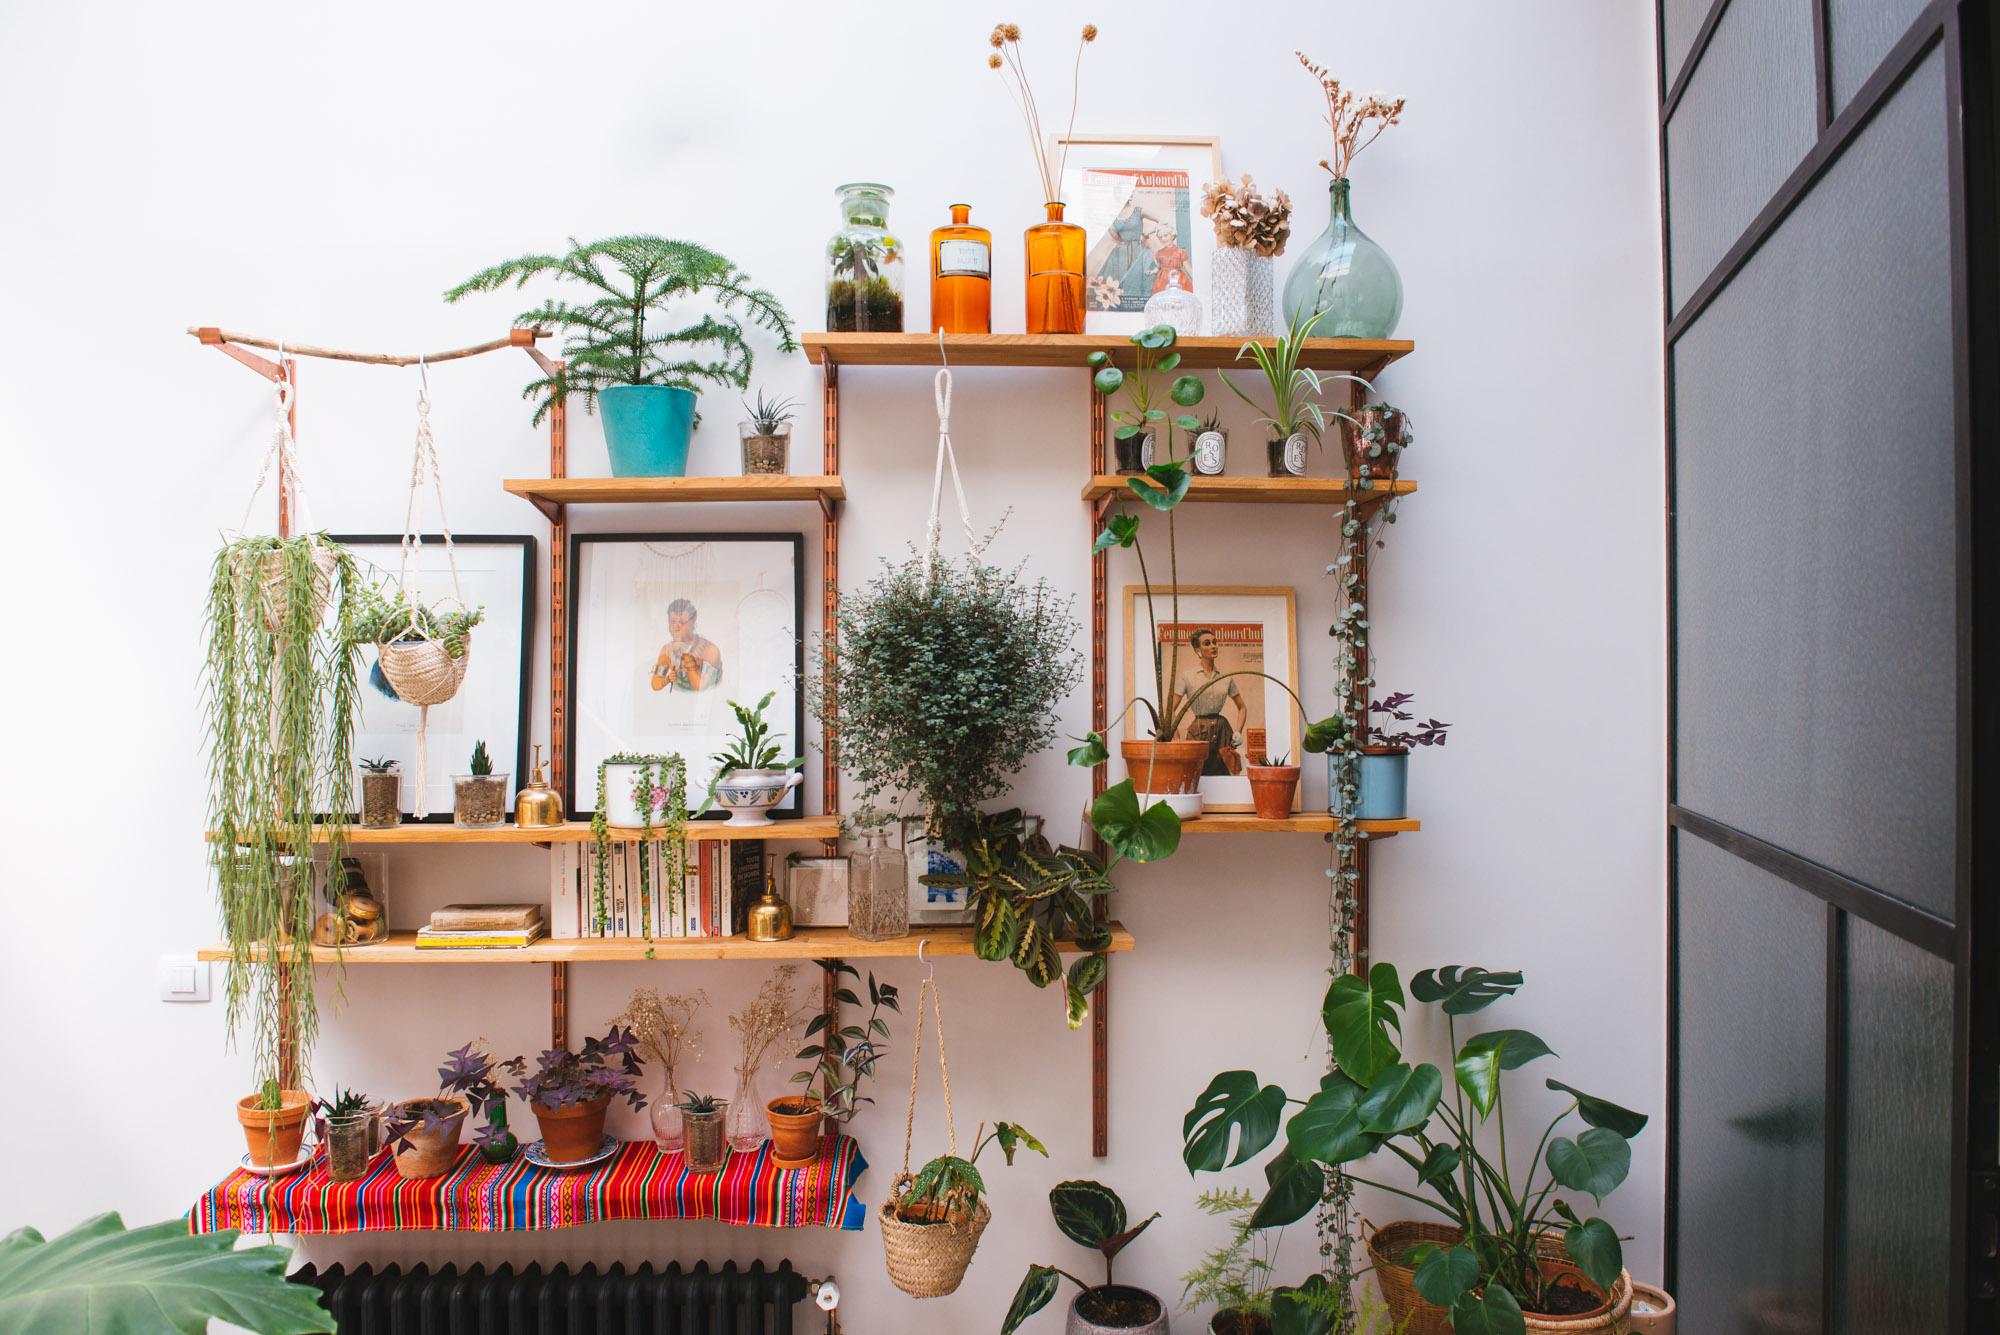 Décoration végétale sur une étagère